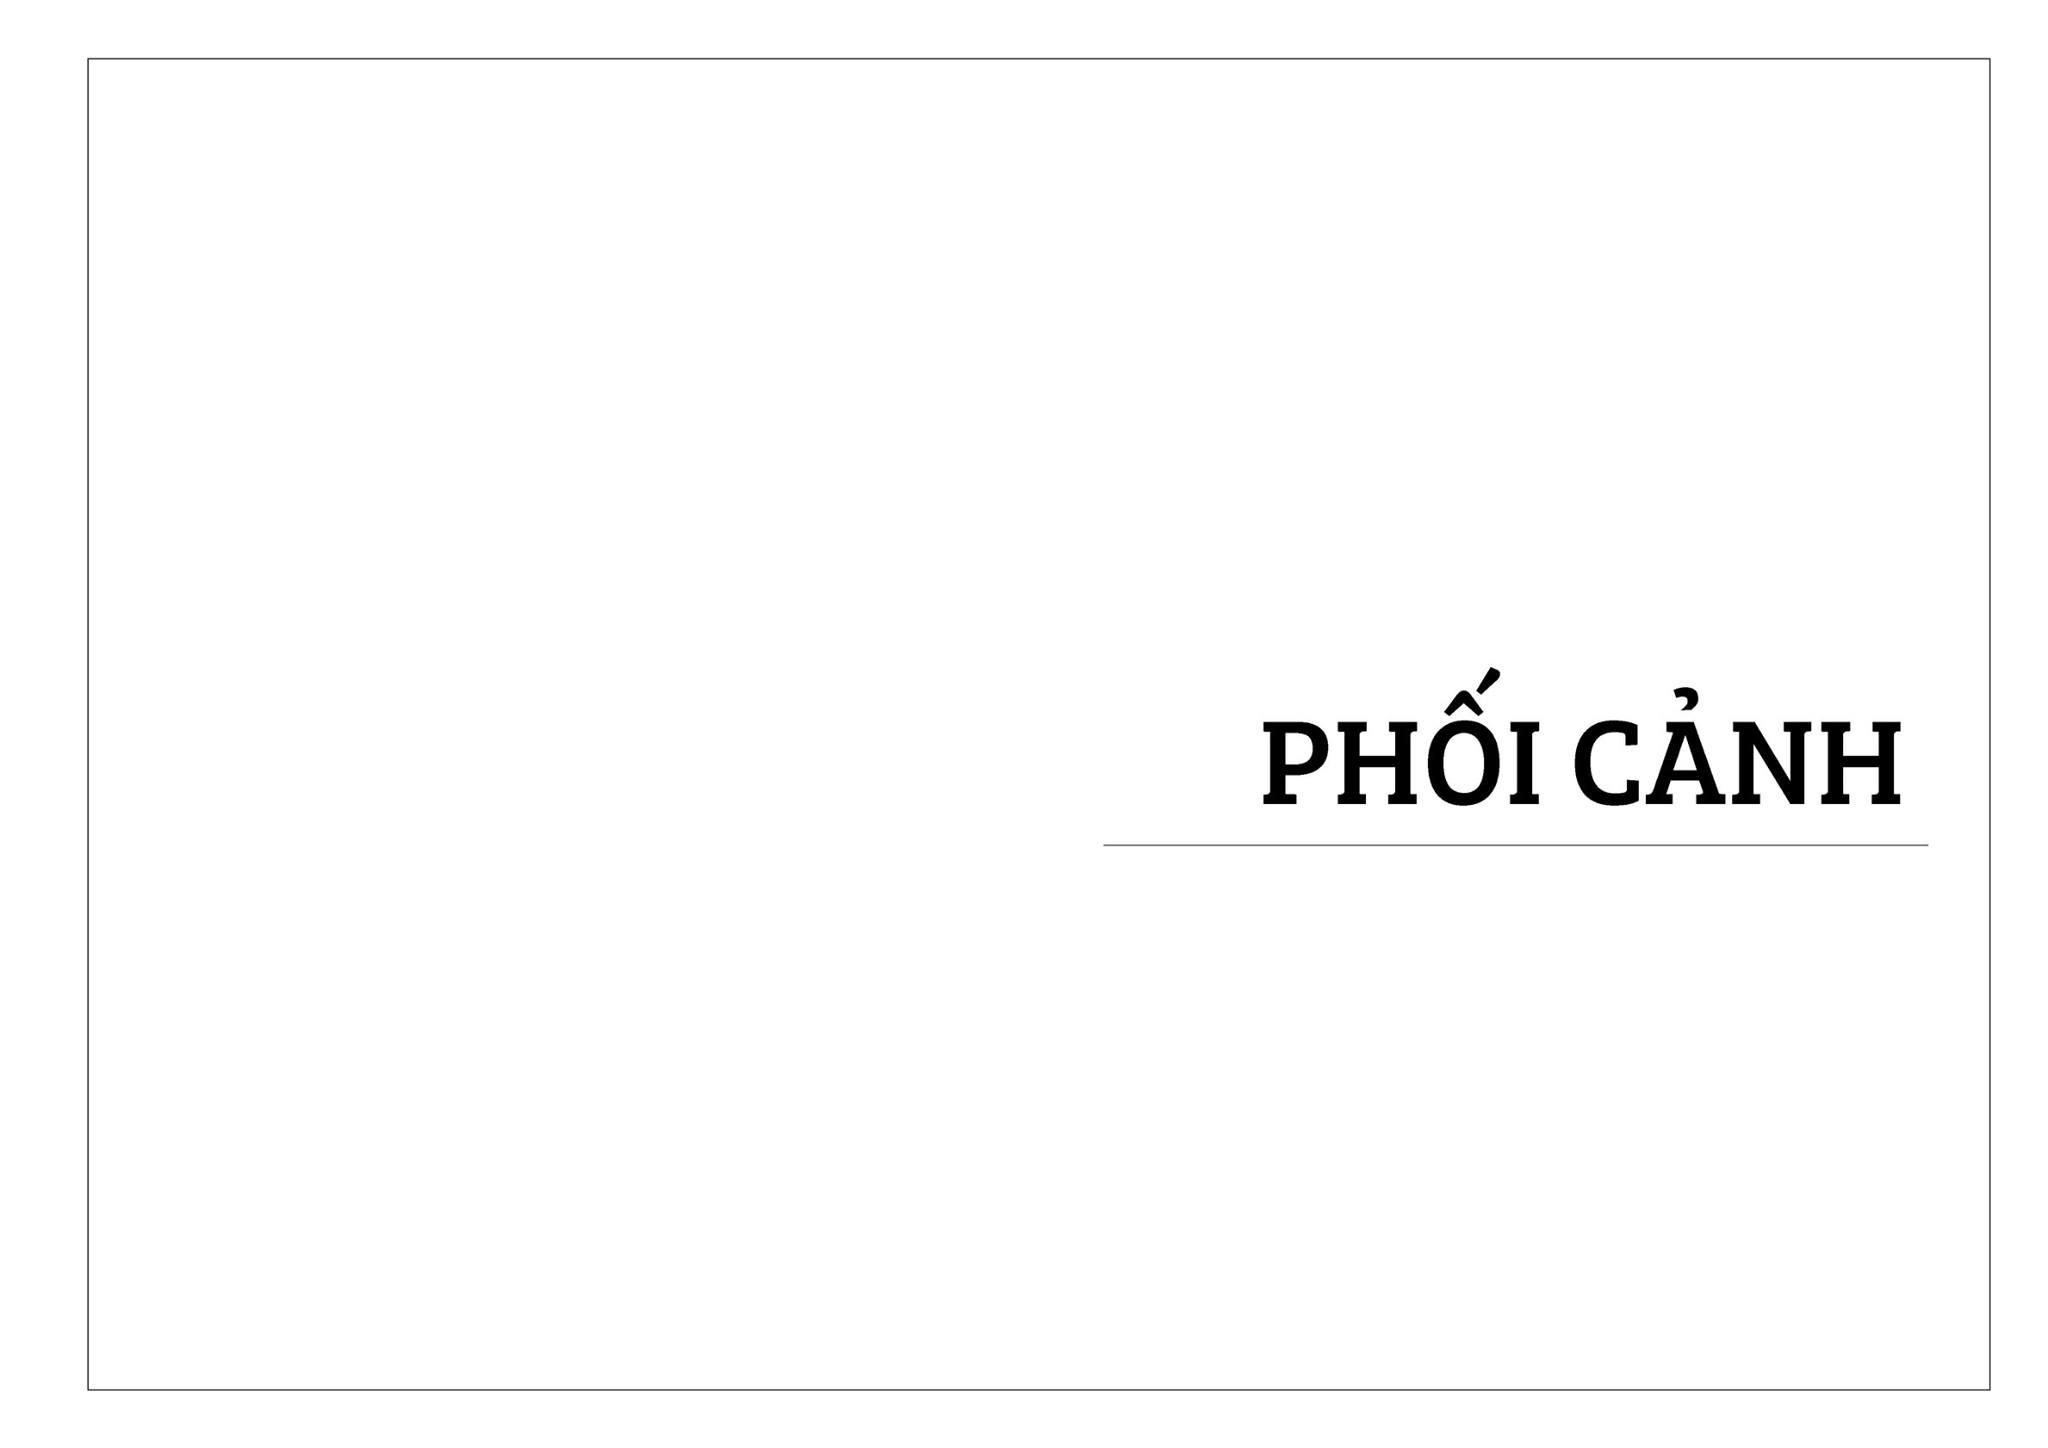 thiết kế nội thất Spa tại Hồ Chí Minh CẢI TẠO SPA - 06.2017 12 1534236529